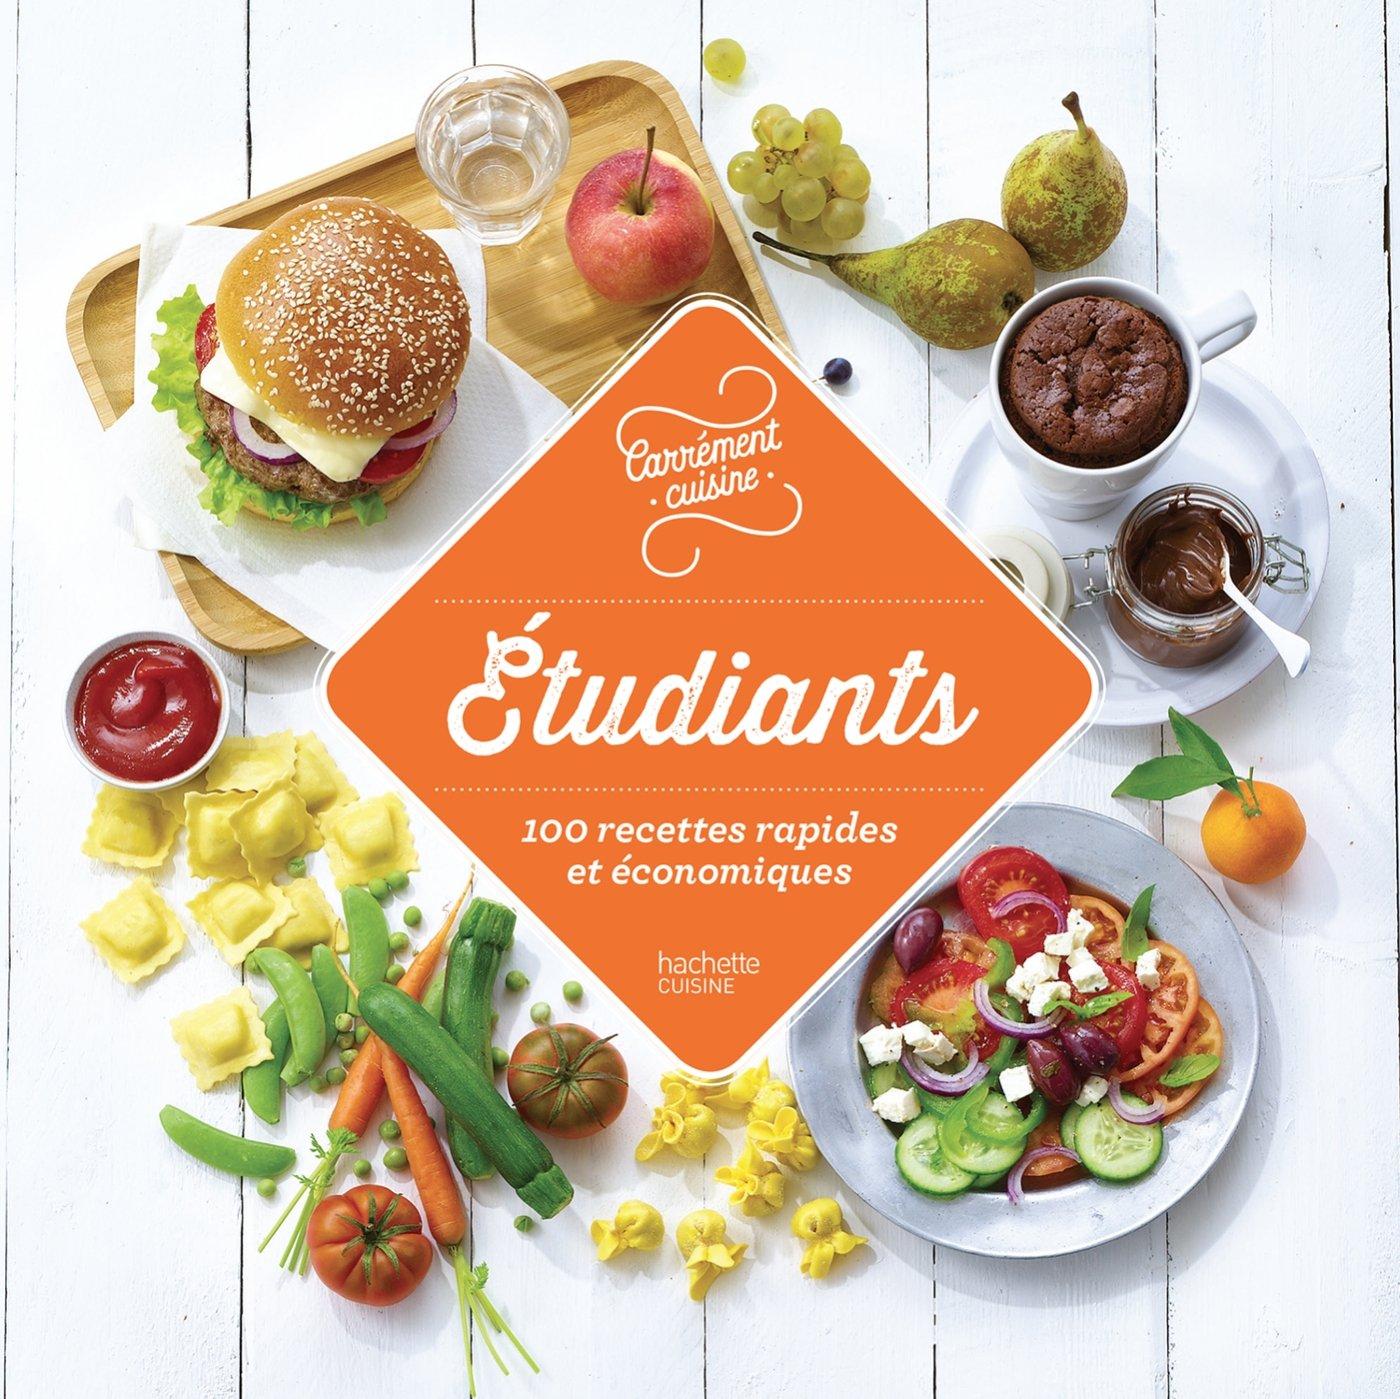 Amazon.fr - Etudiants 100 recettes rapides et économiques - Collectif -  Livres